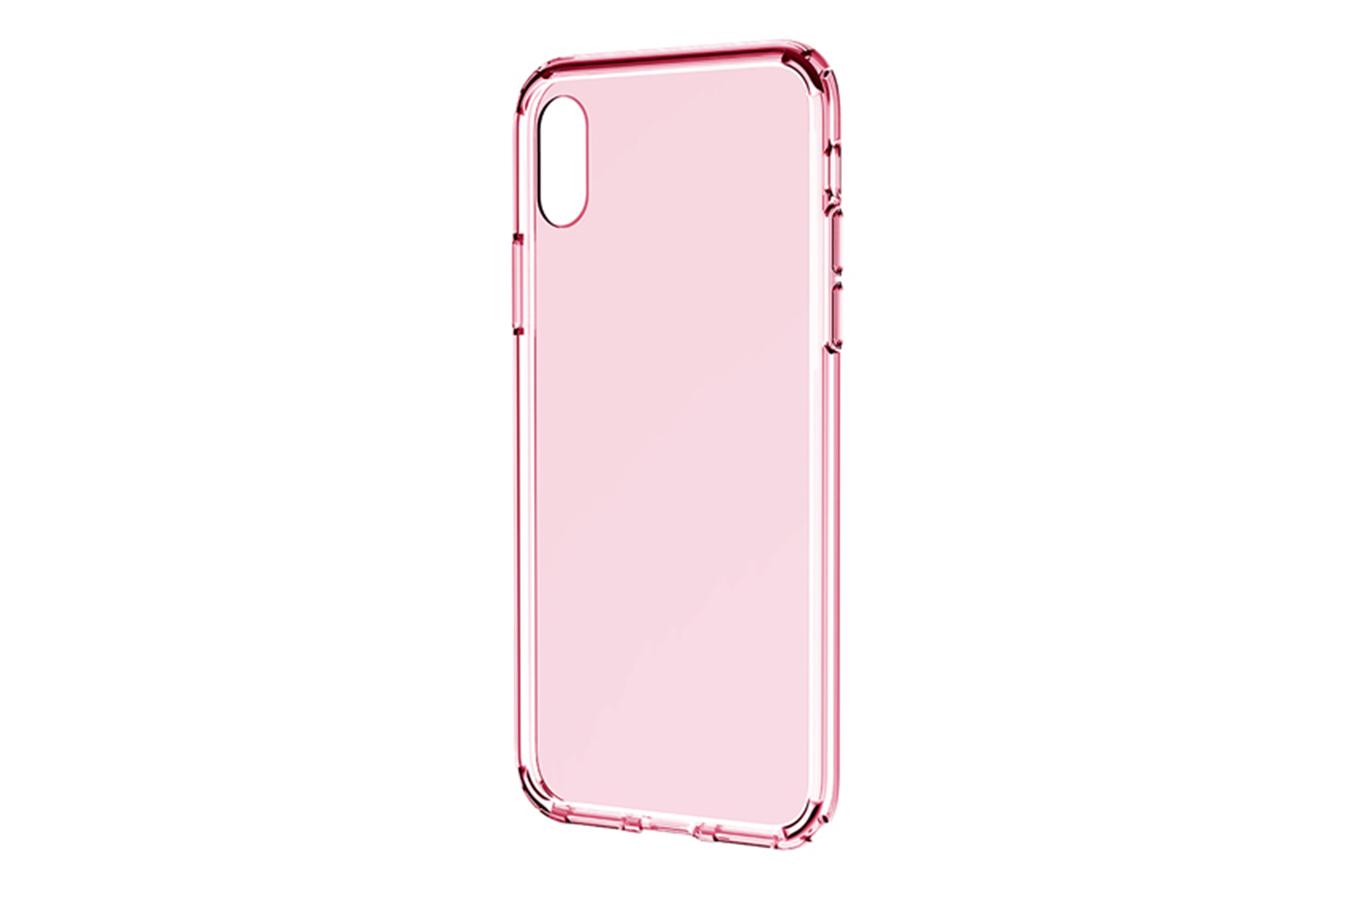 Купить Чехол-накладка Baseus для Apple iPhone XS Max силиконовый прозрачный розовый